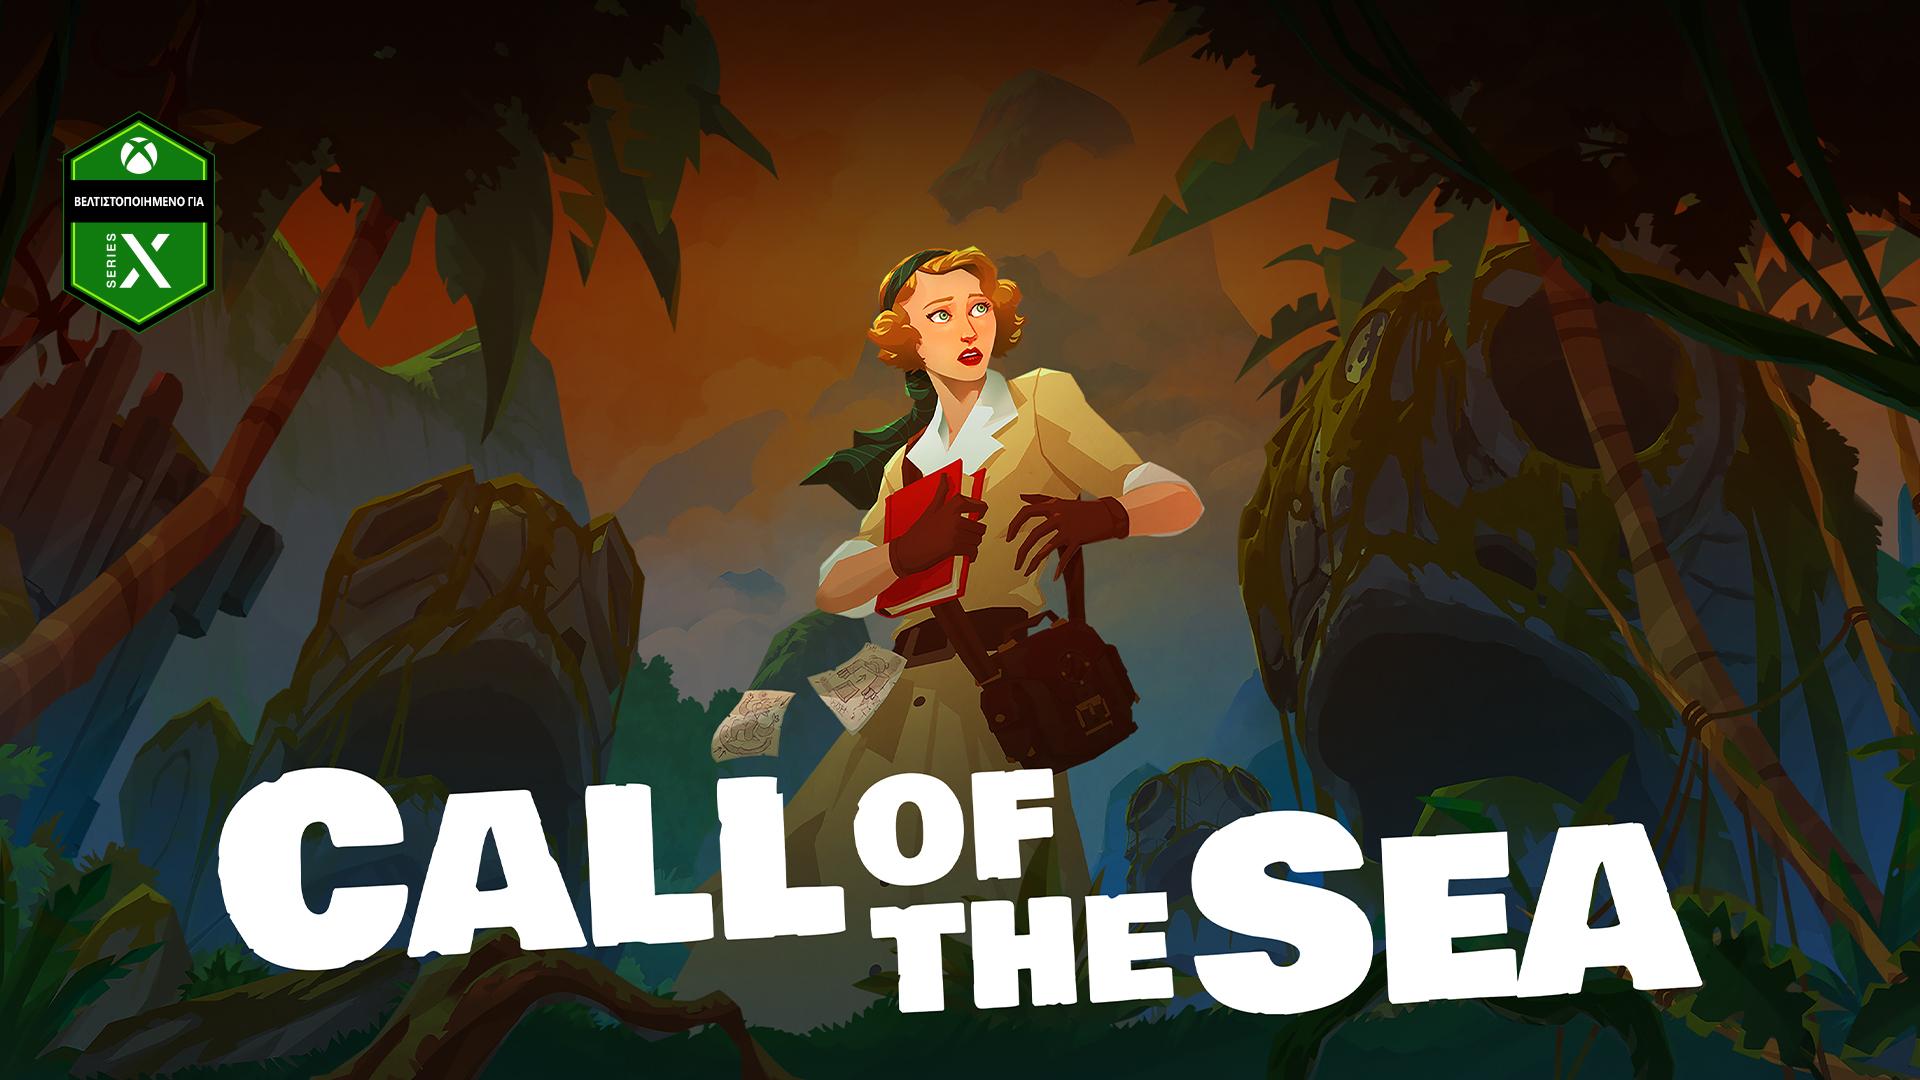 Λογότυπο Βελτιστοποιημένο για series X, Call of the Sea, Η Norah στη ζούγκλα